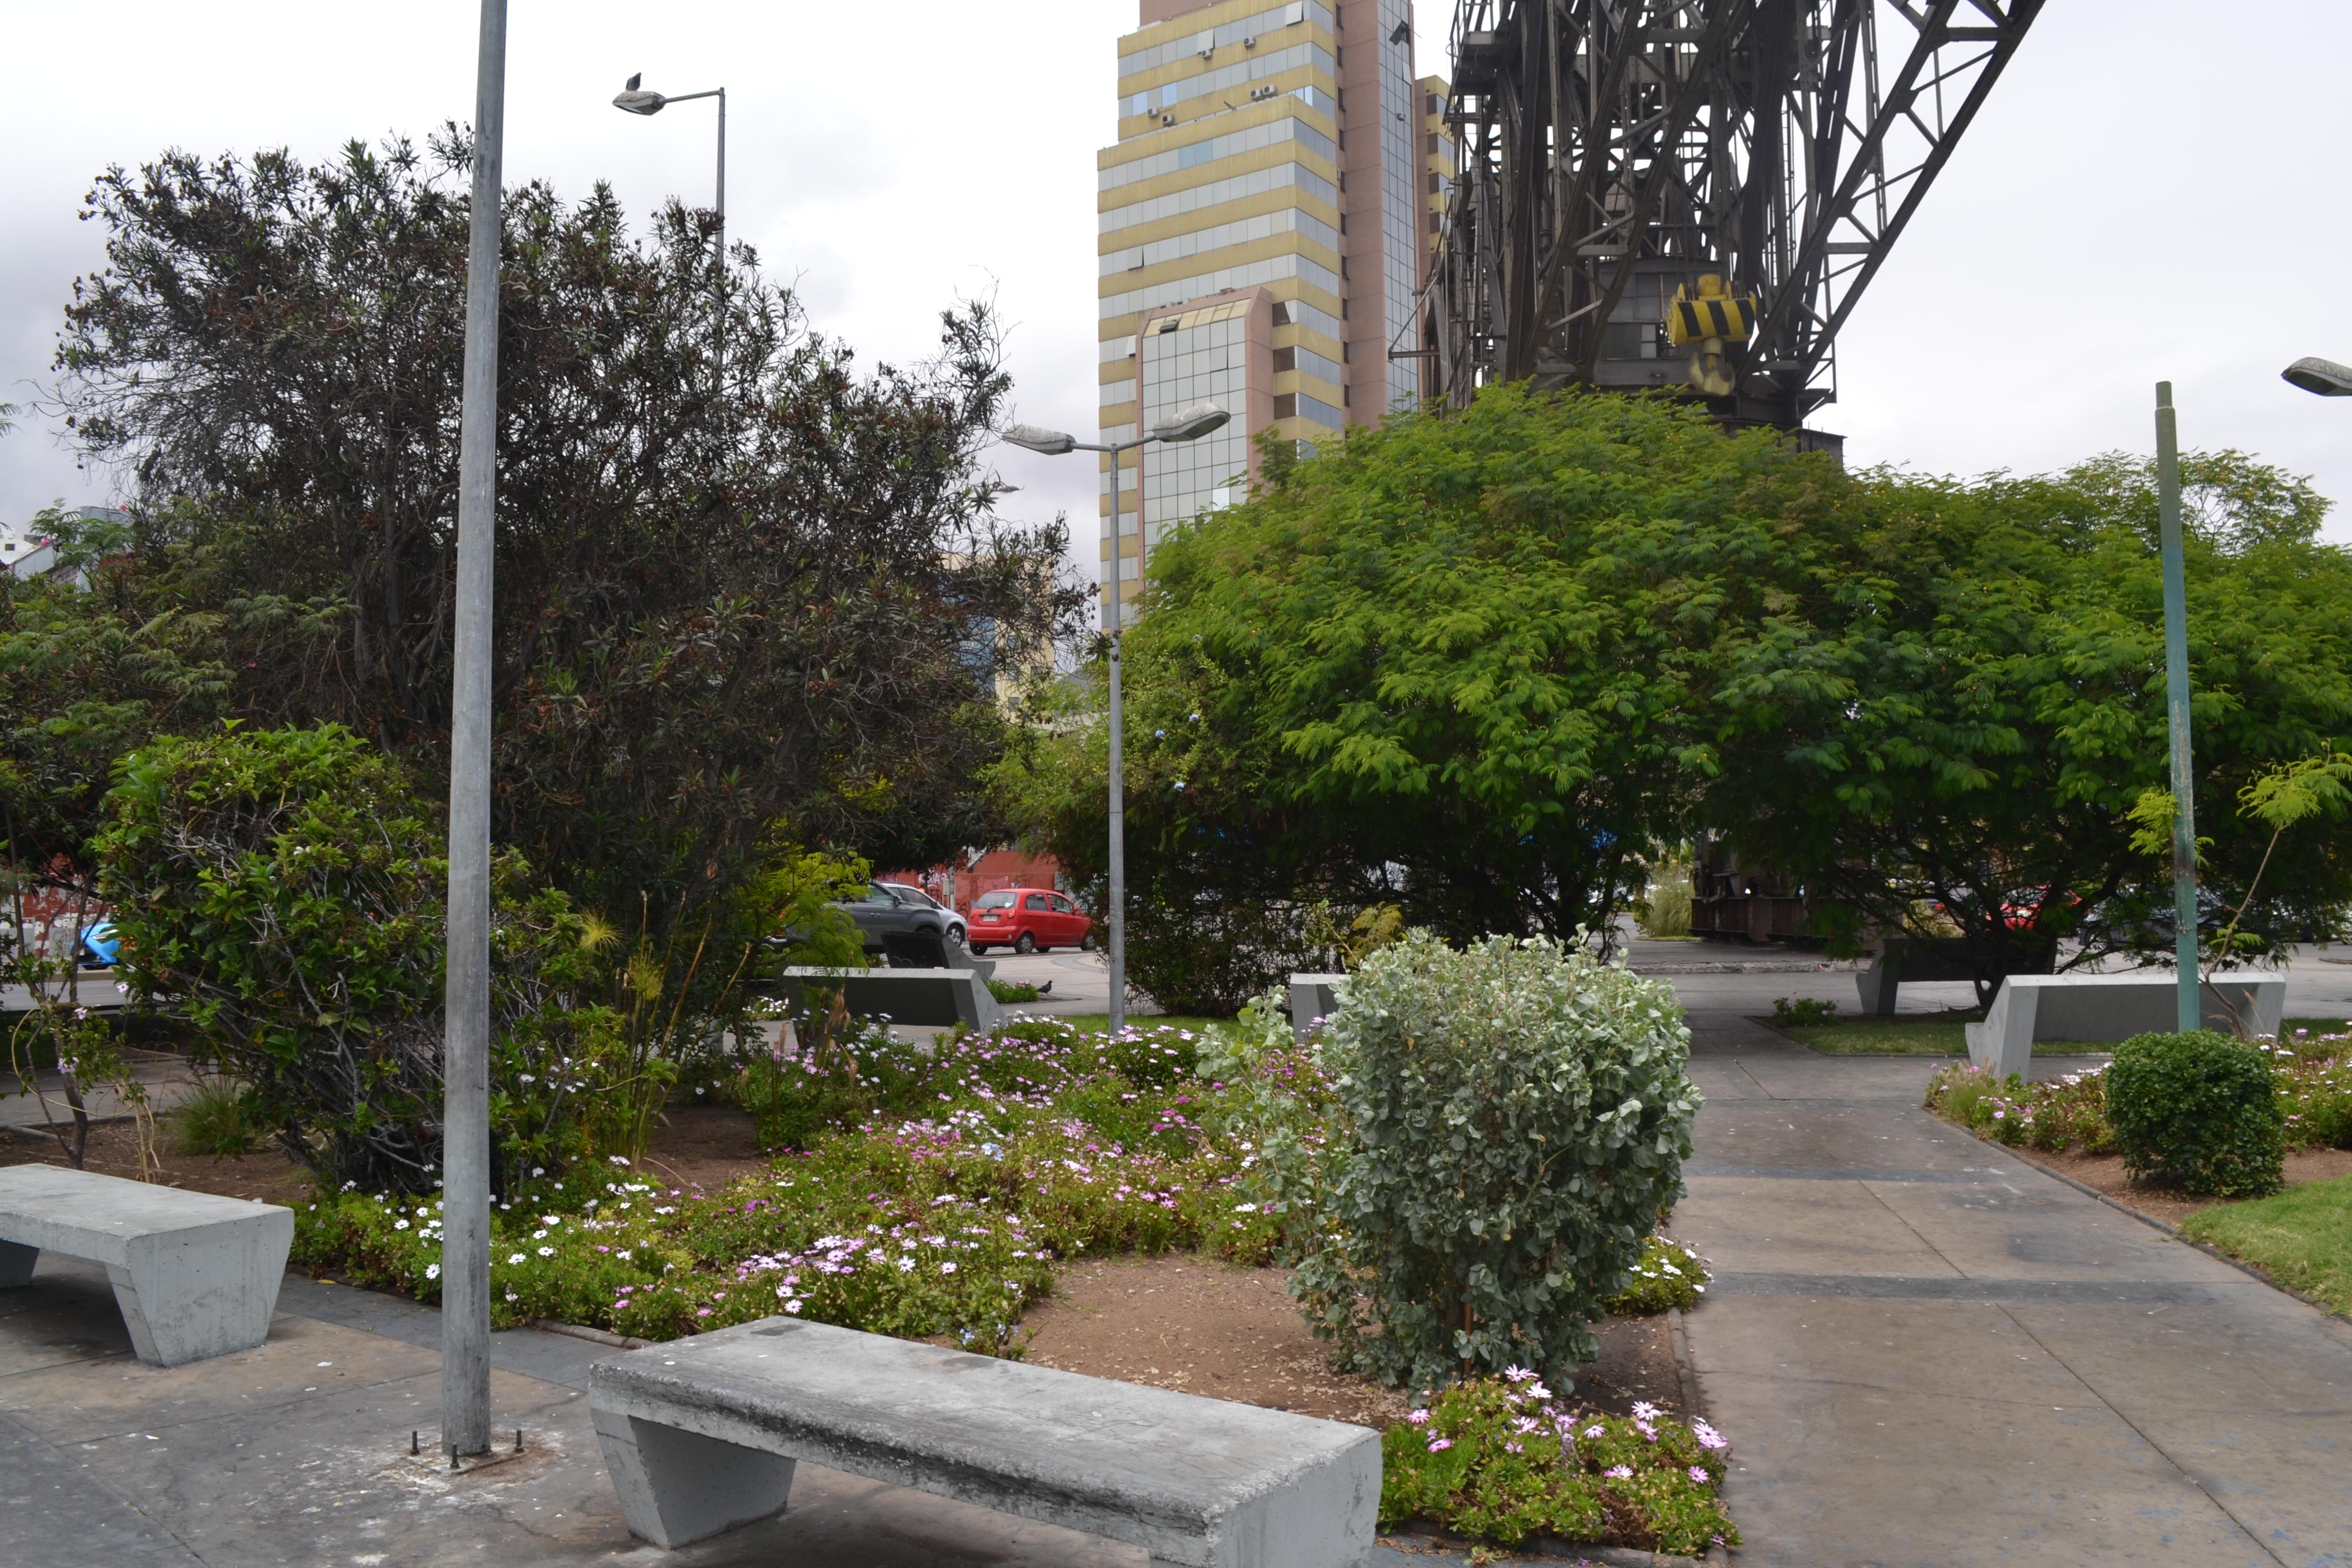 Puerto Antofagasta continúa alimentando su pulmón verde con el apoyo de CONAF para su área de transición puerto-ciudad